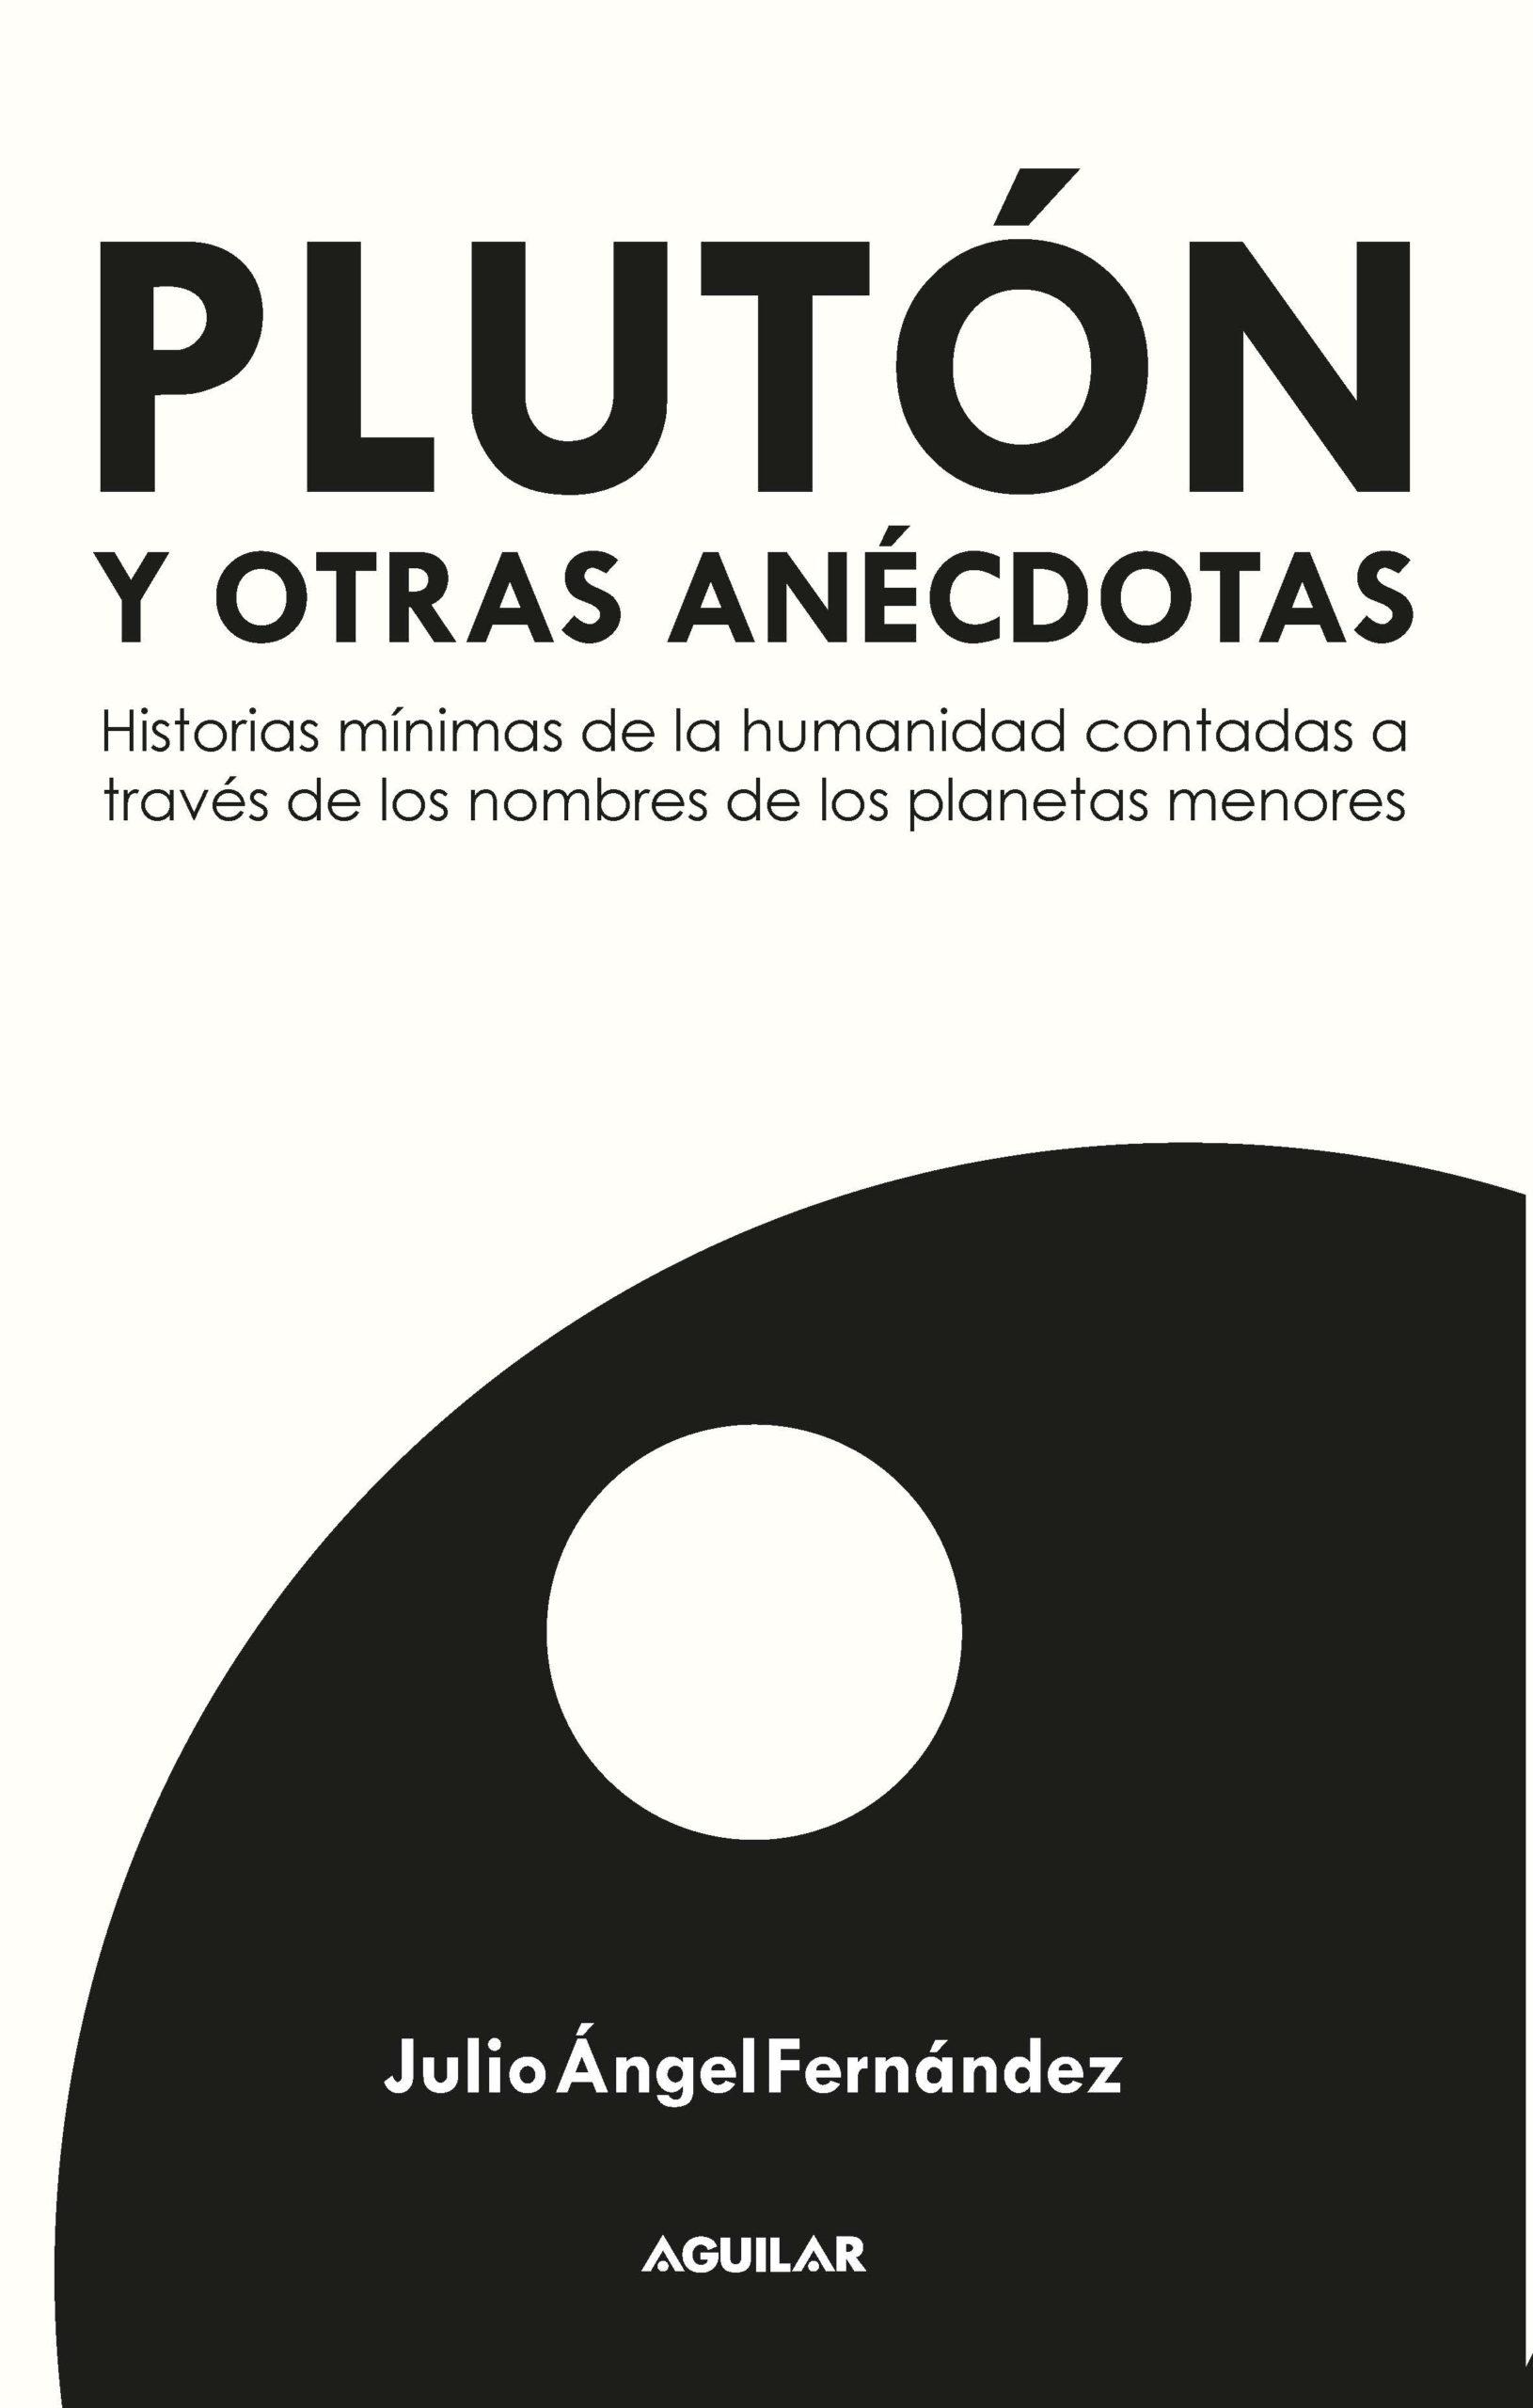 PLUTON Y OTRAS ANECDOTAS